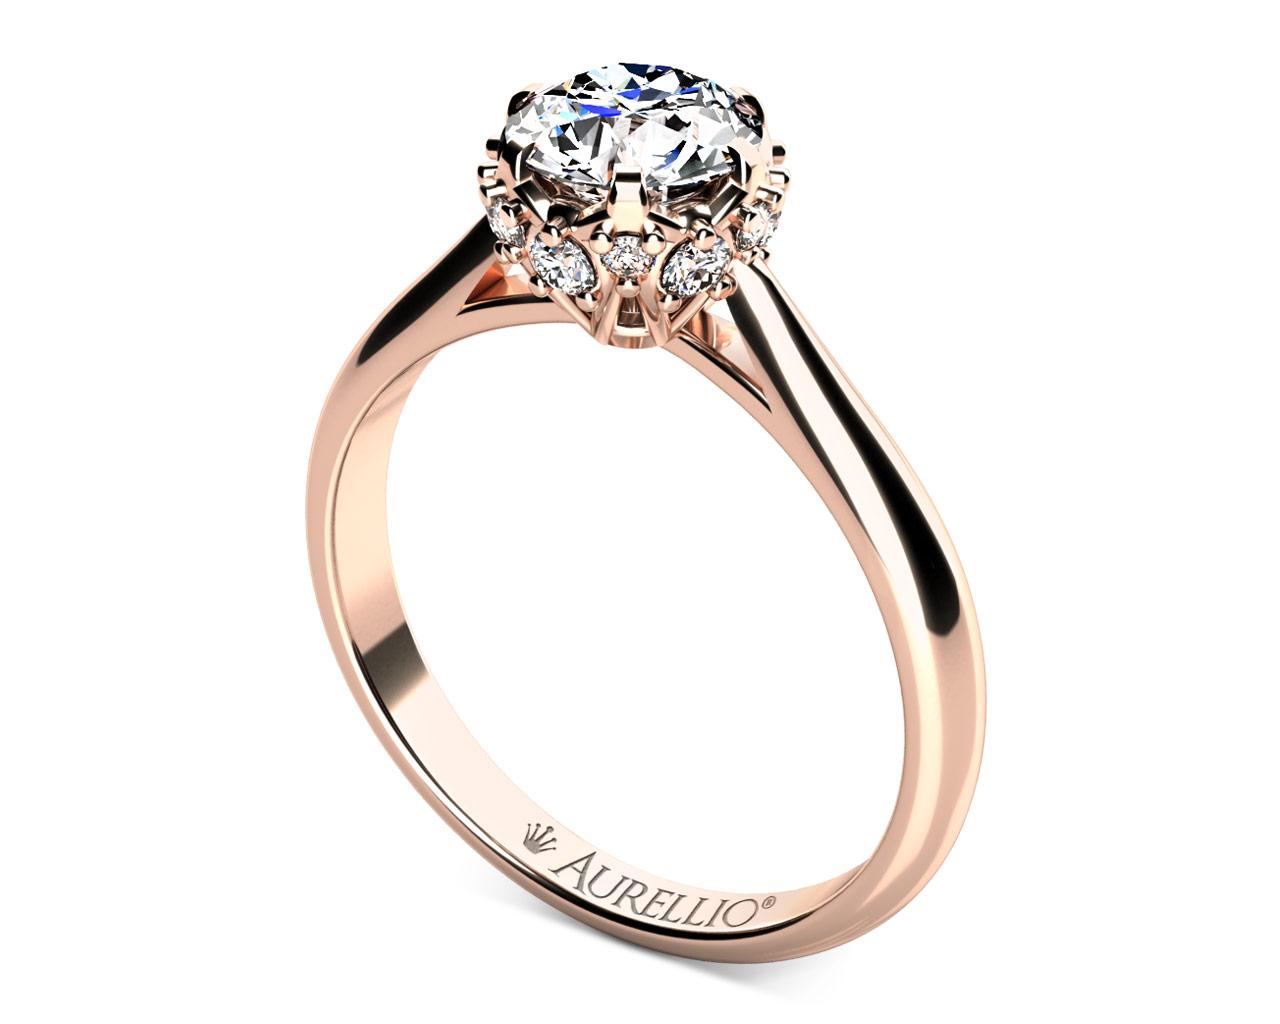 Zásnubní prsten - Kometa Daniel 1. fotka